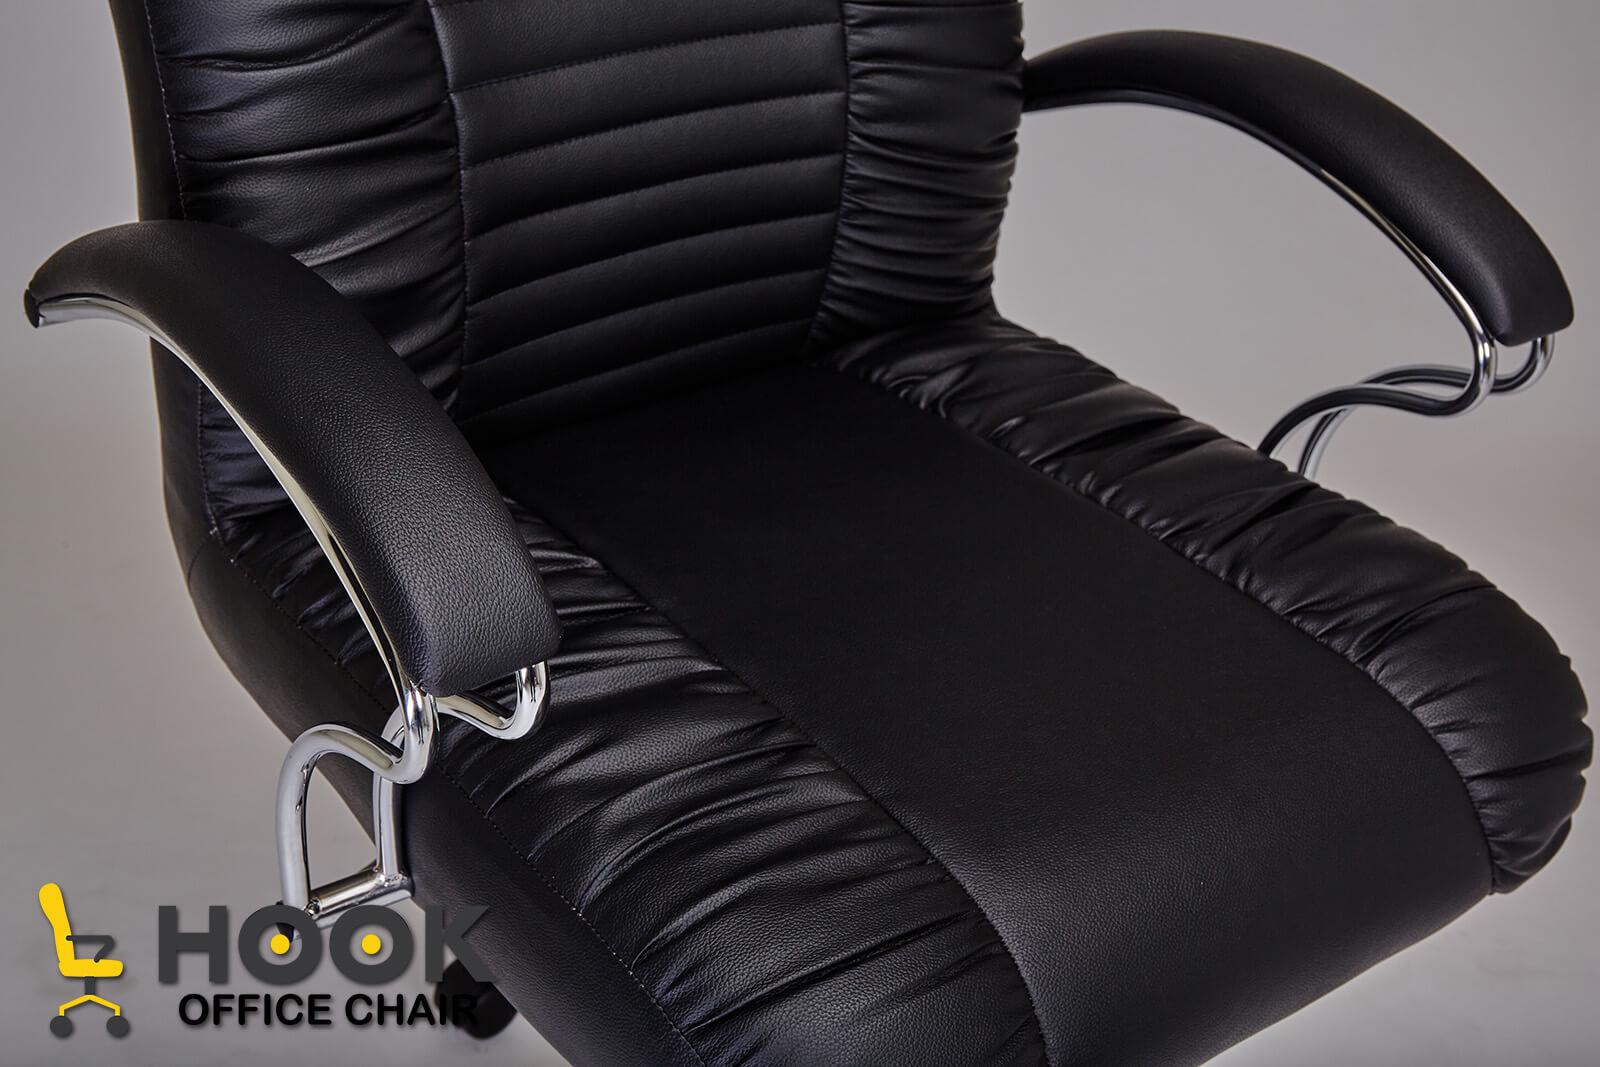 เก้าอี้ผู้บริหาร เก้าอี้สำนักงาน รุ่น H04-008